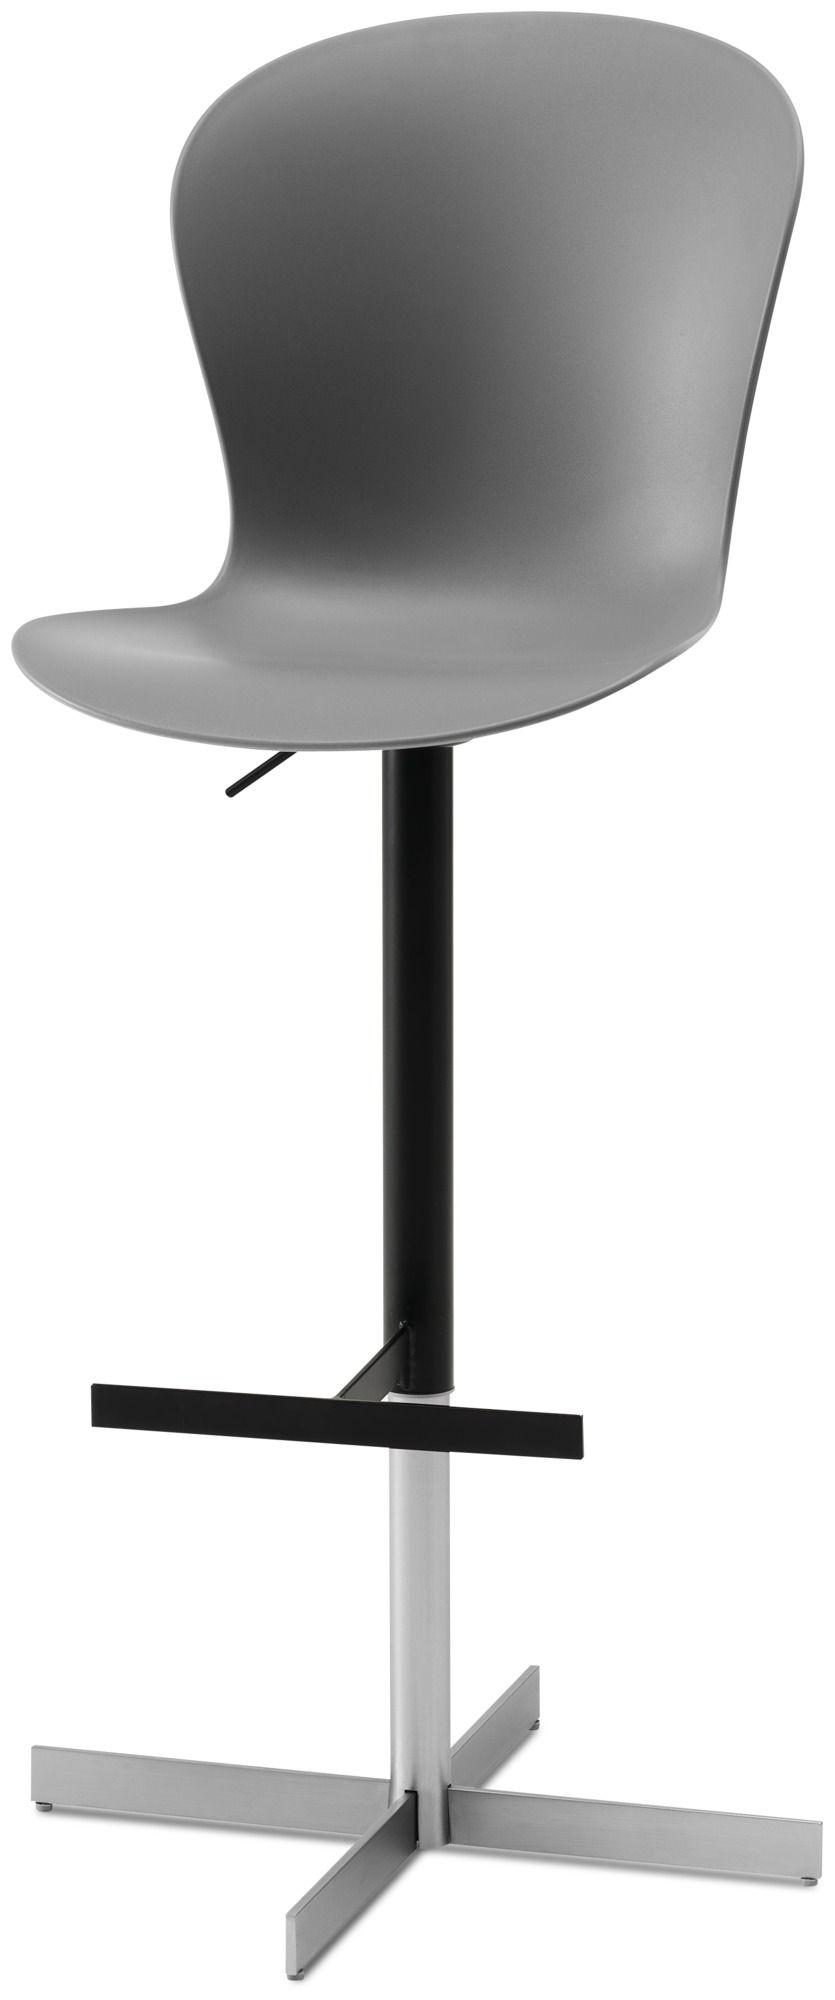 design barhocker f r ihr esszimmer kaufen boconcept. Black Bedroom Furniture Sets. Home Design Ideas